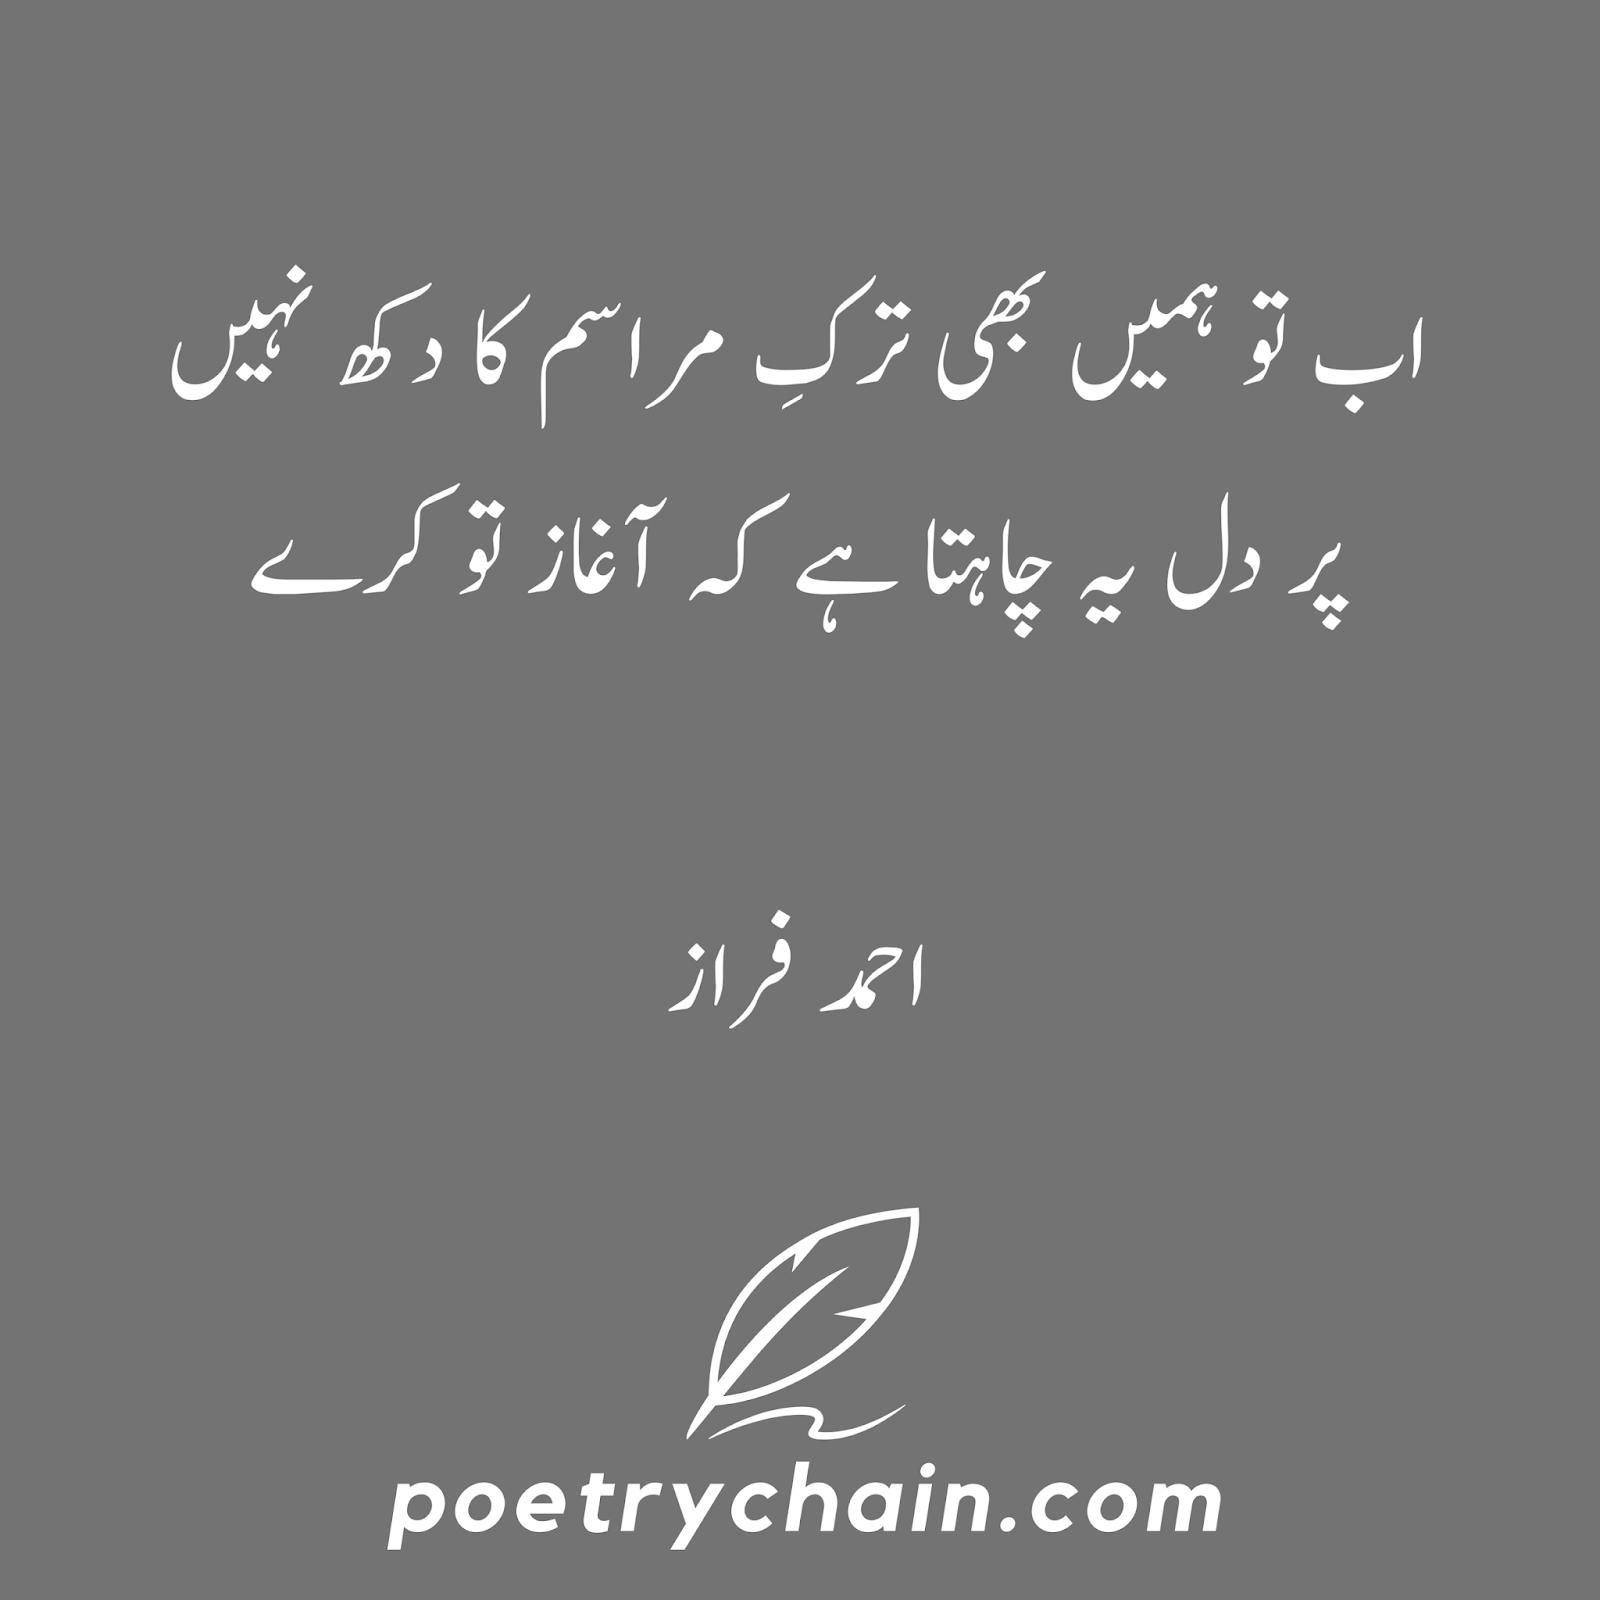 Ab To Hama Bhi Tarka Marasam Ka Dukh Nahi || Ahmad Faraz